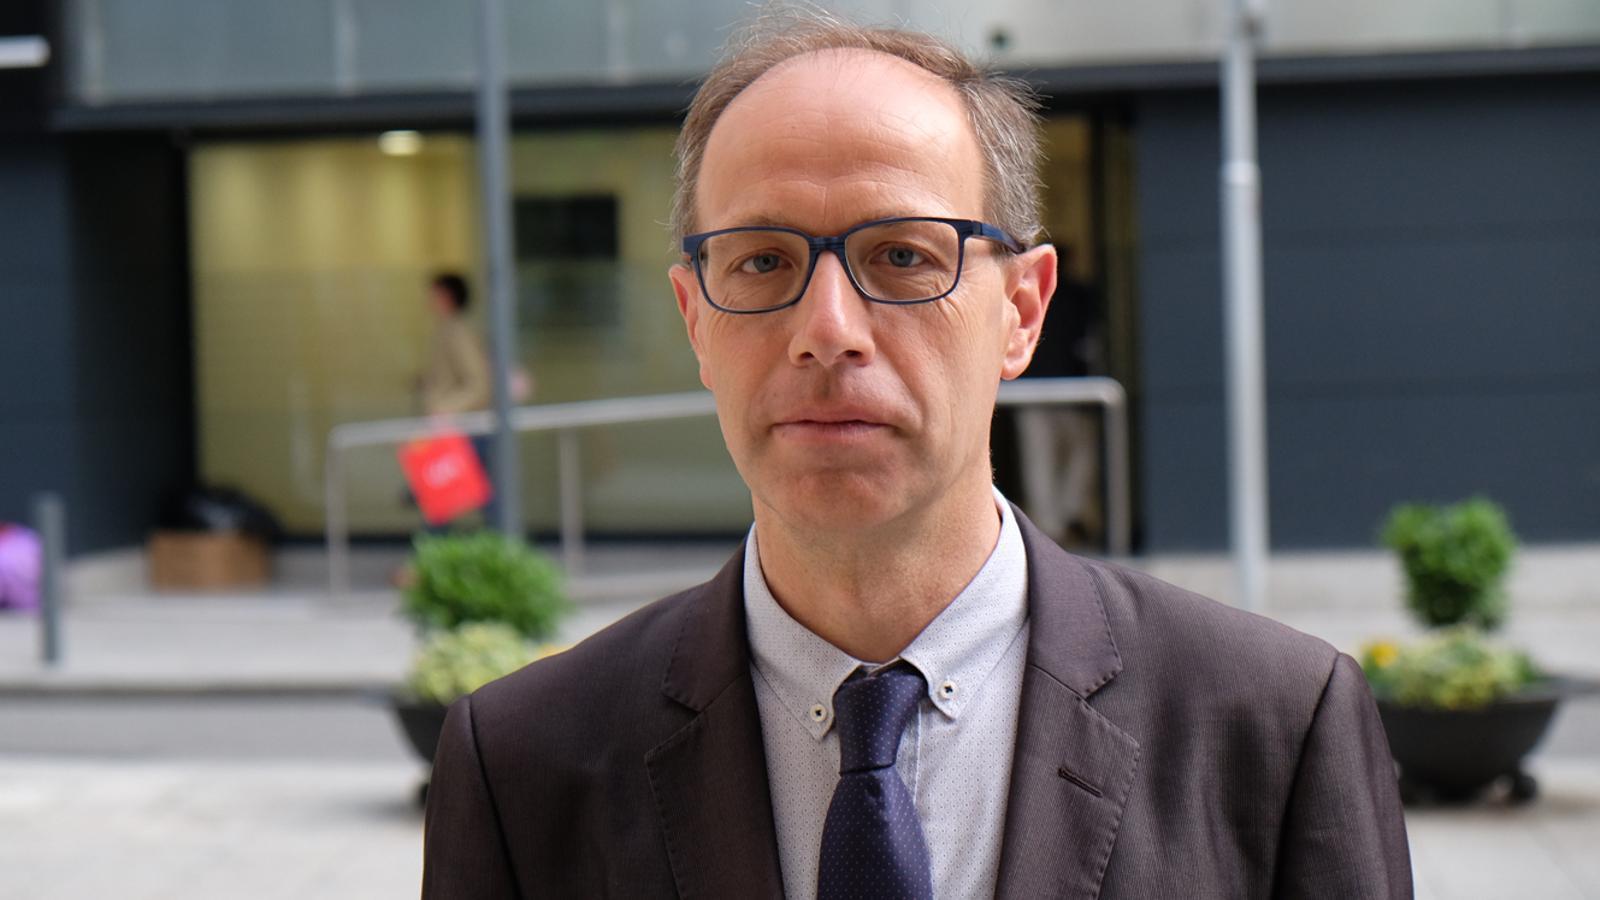 El director de la Càtedra de Pensament Cristià, Francesc Torralba. / M. T. (ANA)